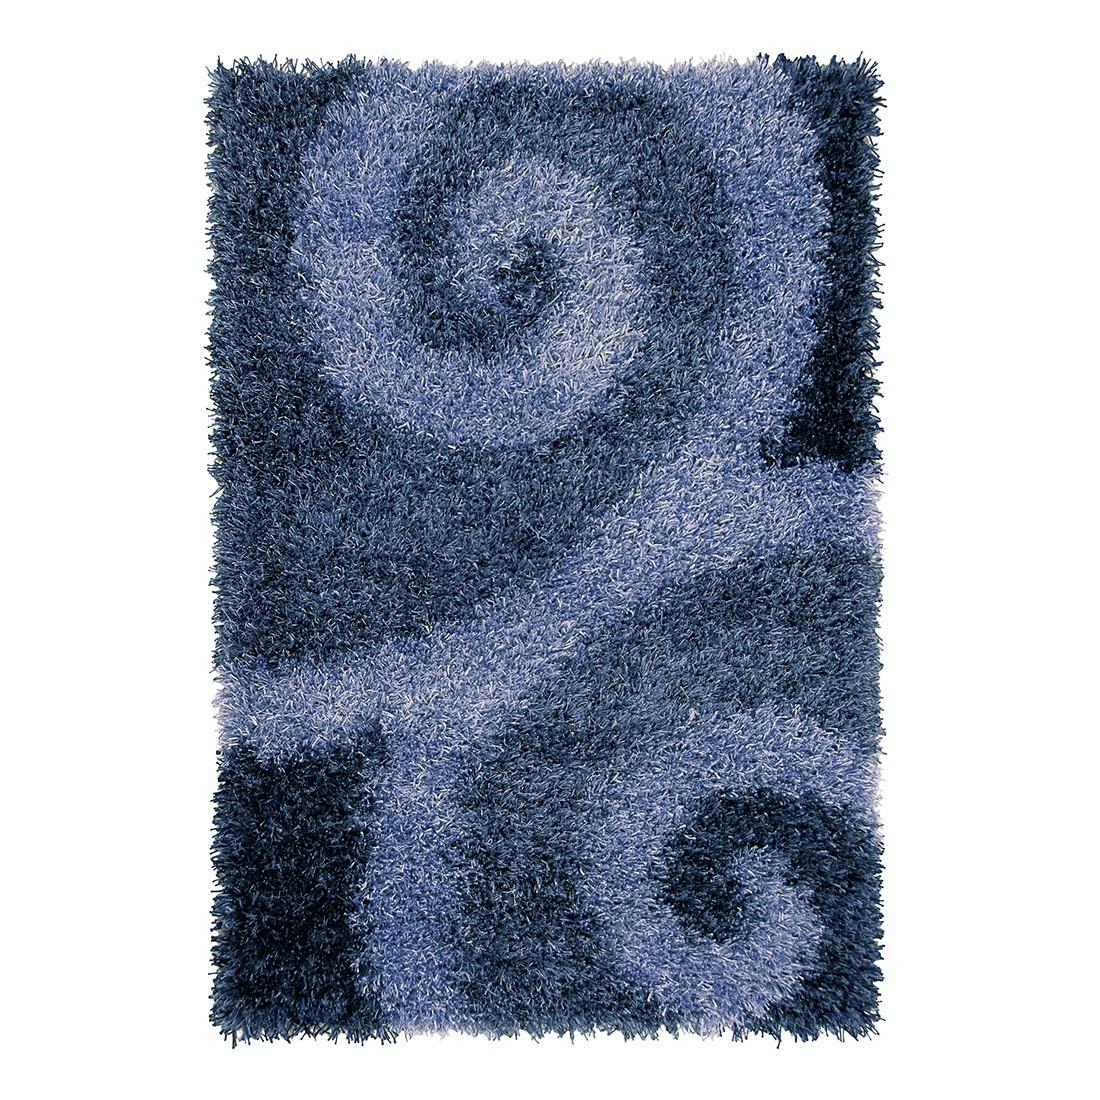 Teppich Lavella 80 – Blau – 200 x 300 cm, Luxor living jetzt bestellen